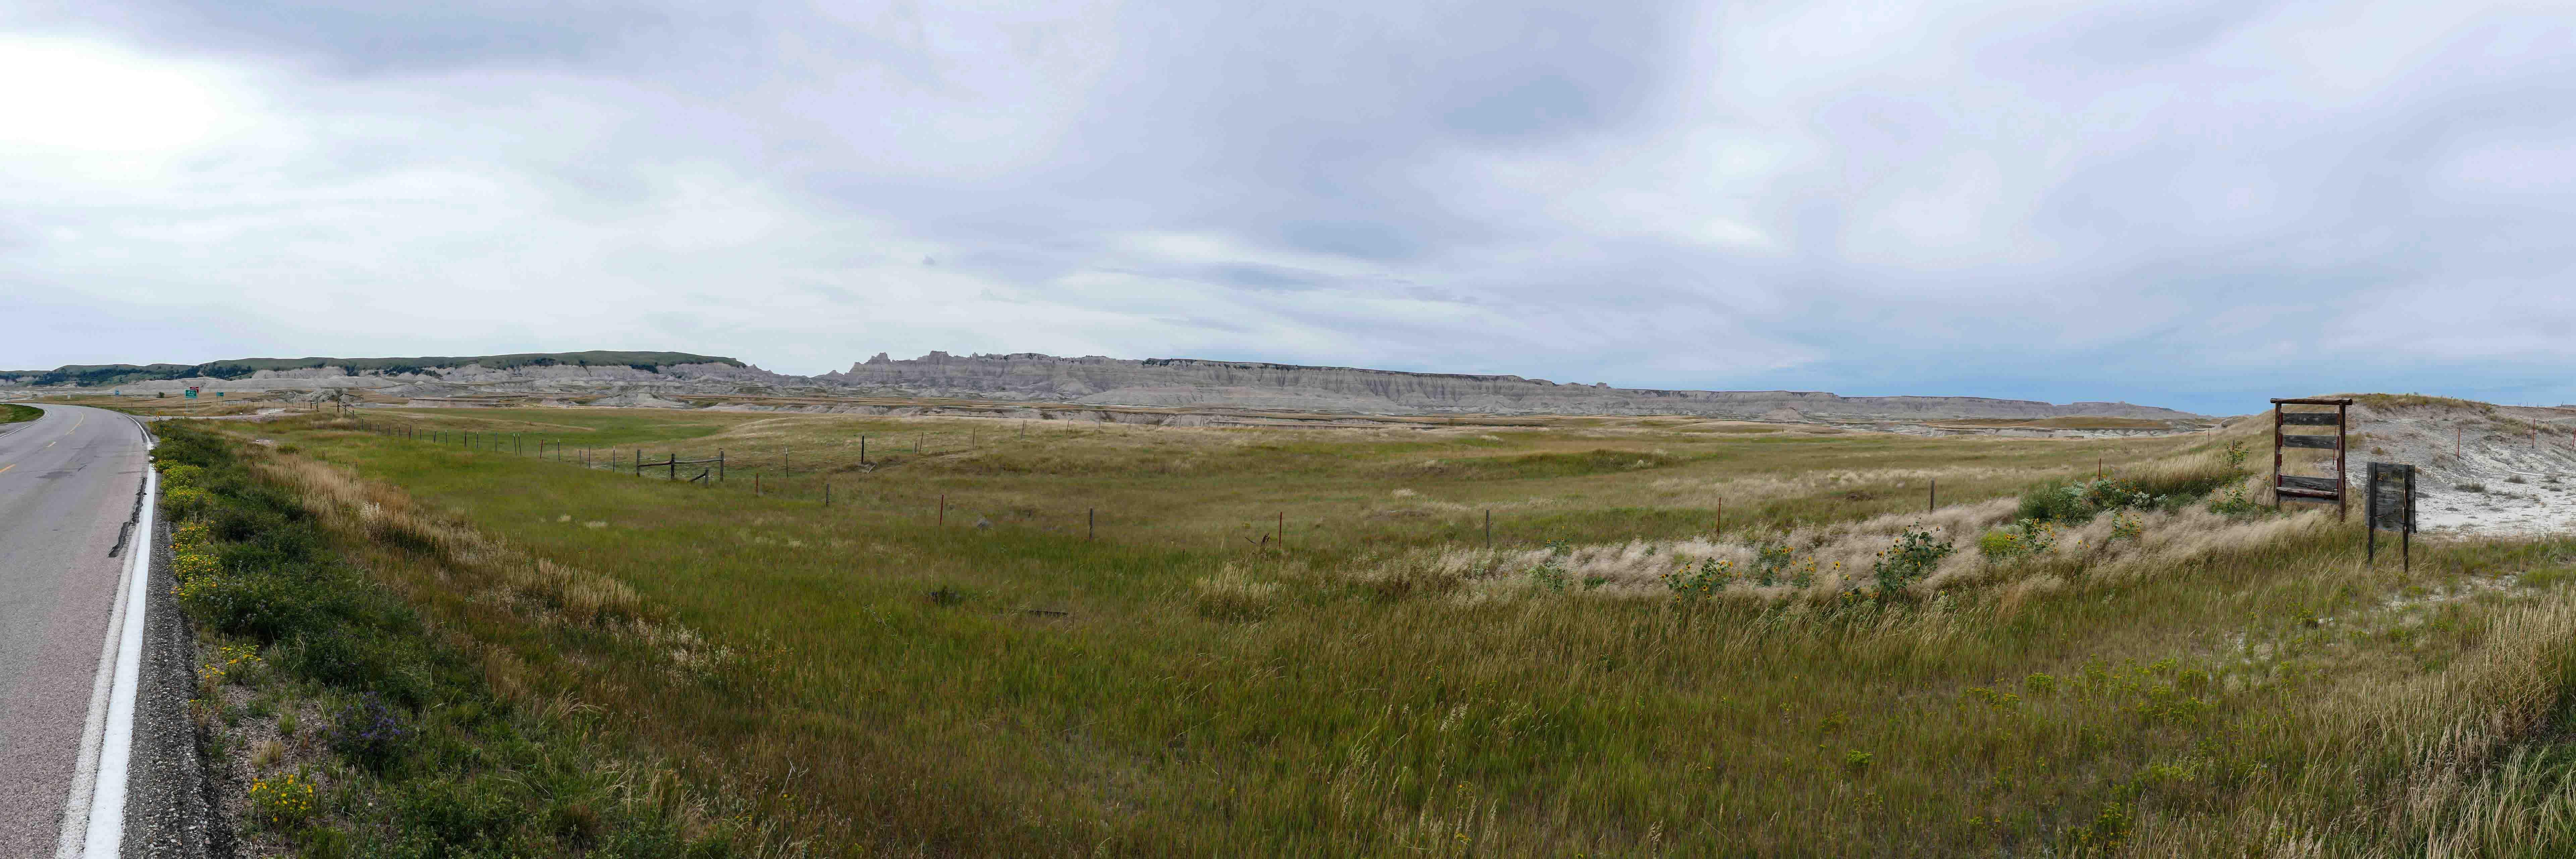 pine ridge panorama